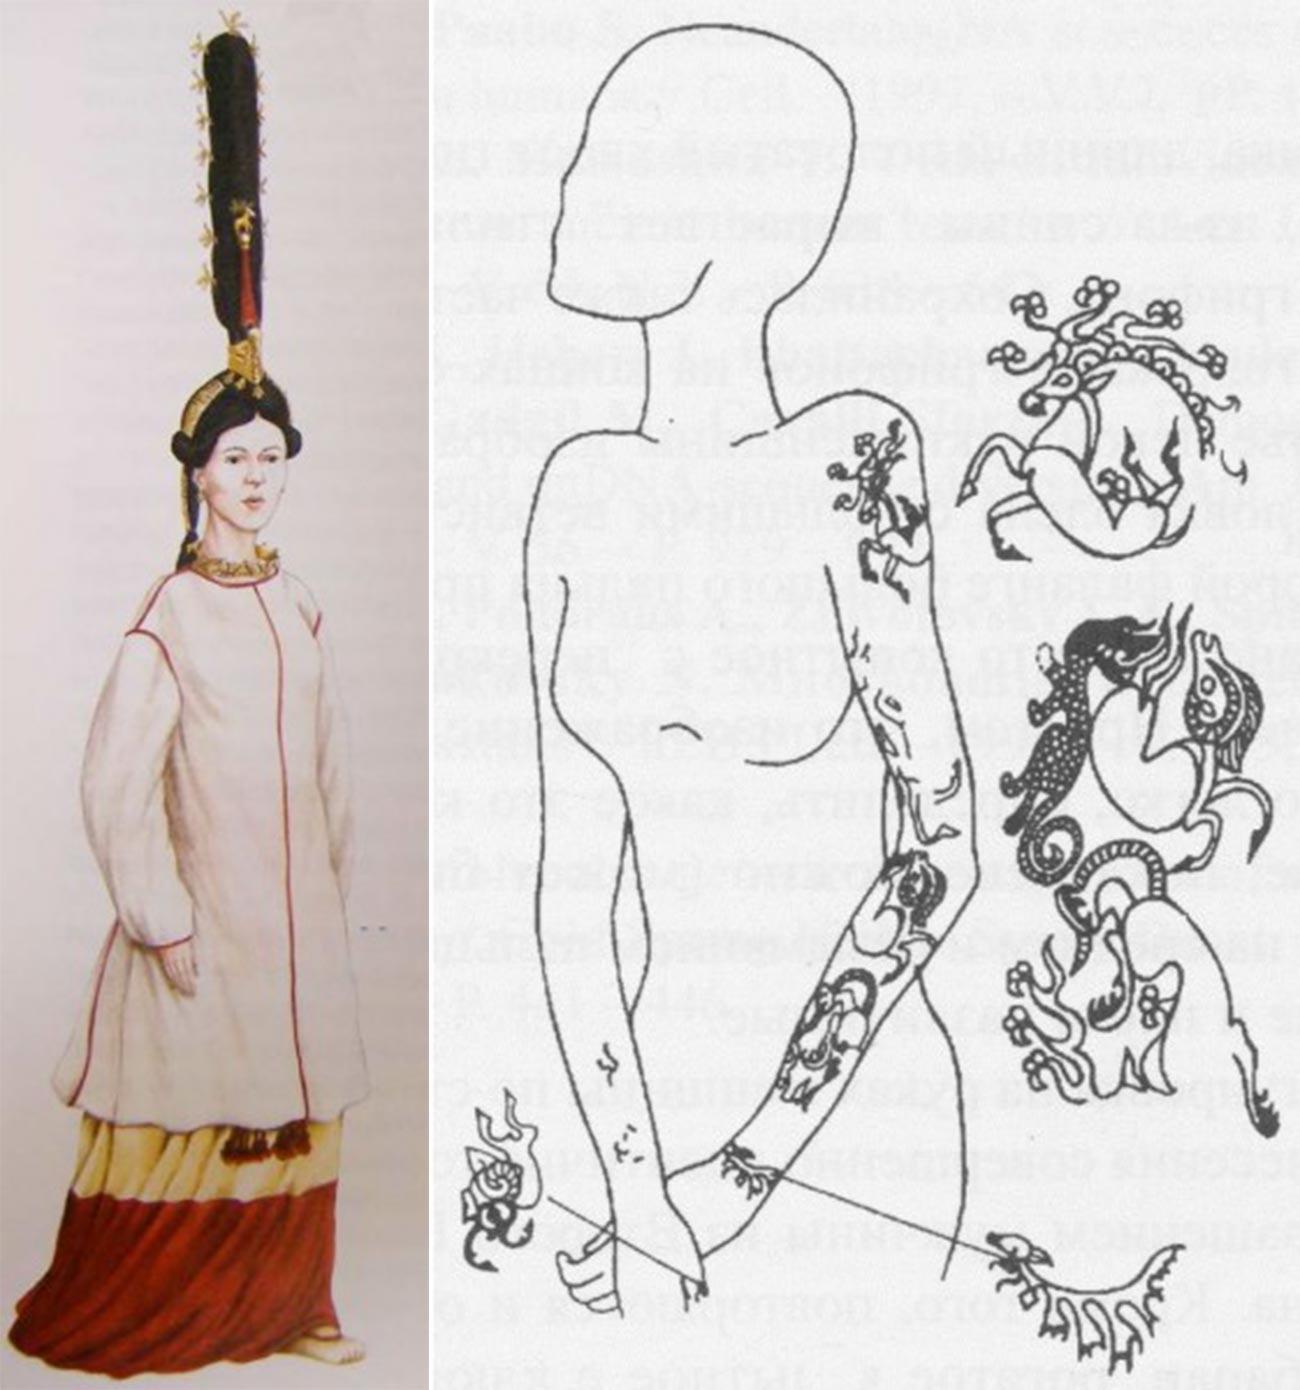 「ウコク高原の姫」の入れ墨